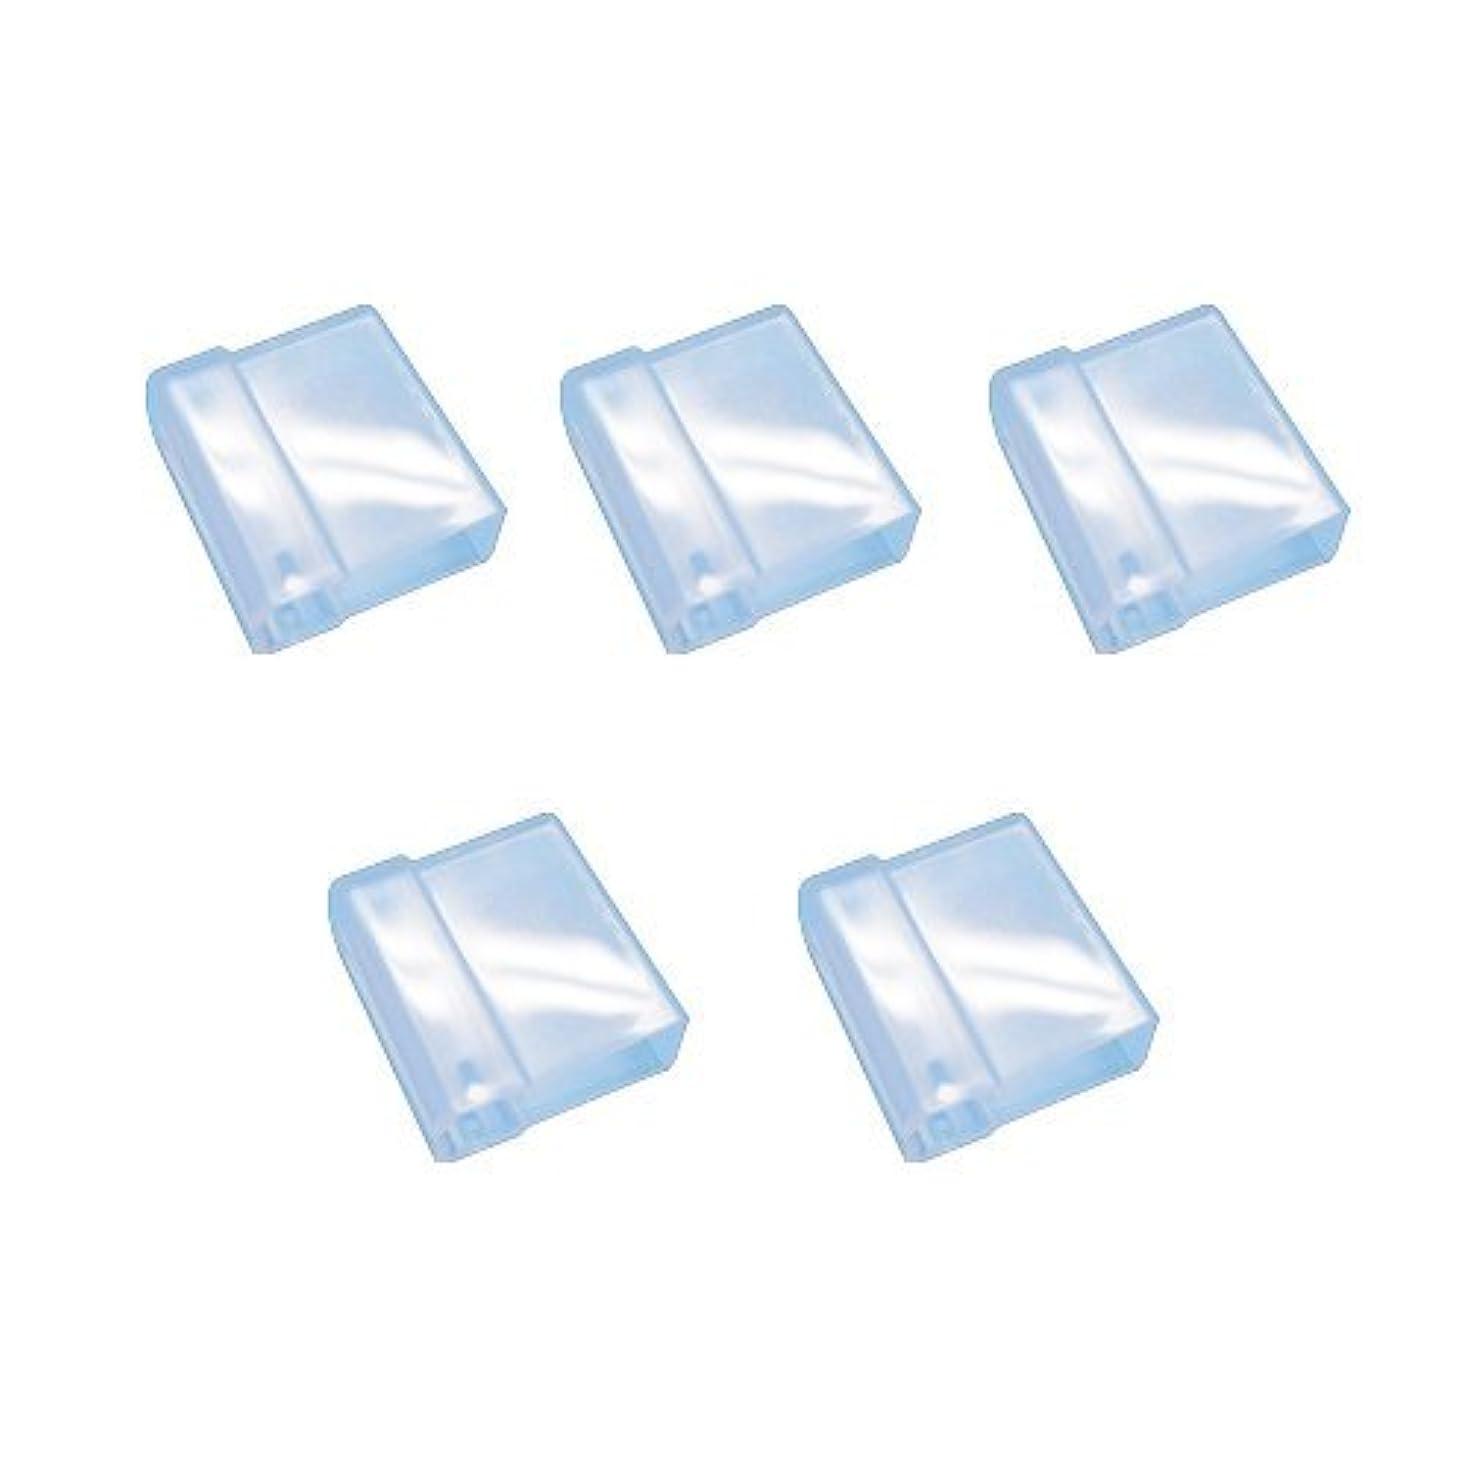 で出来ているシネウィ一月タフト24専用 スライド式キャップ 5個入